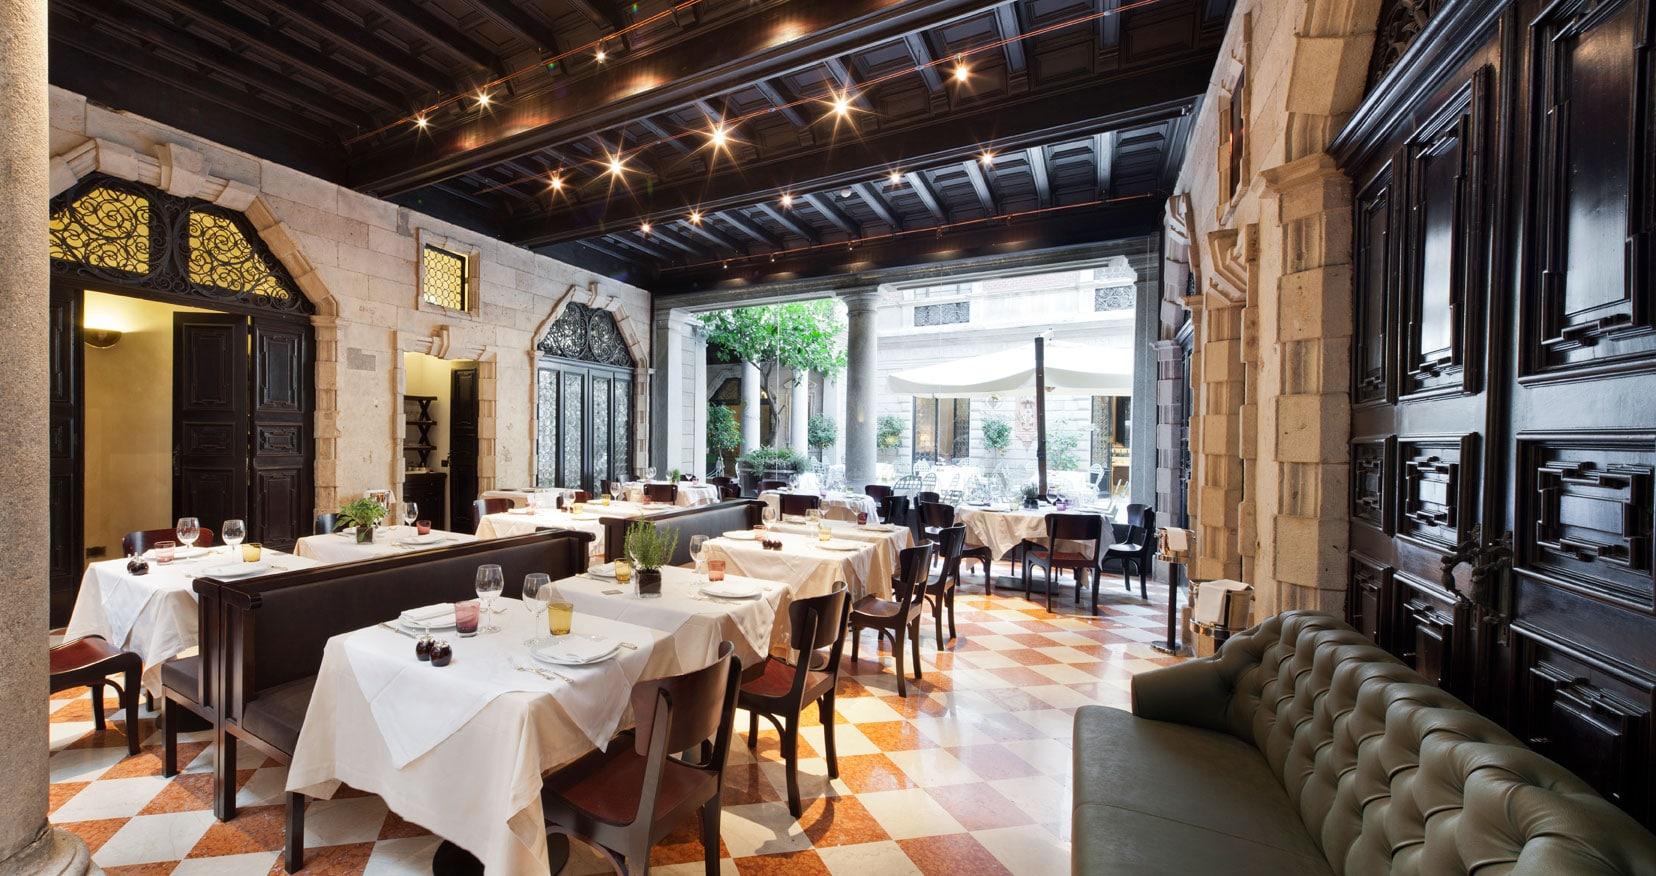 Best Places in Milan Best Places in Milan The Best Places in Milan for Your Instagram Feed salumaio montenapoleone patio 2 1